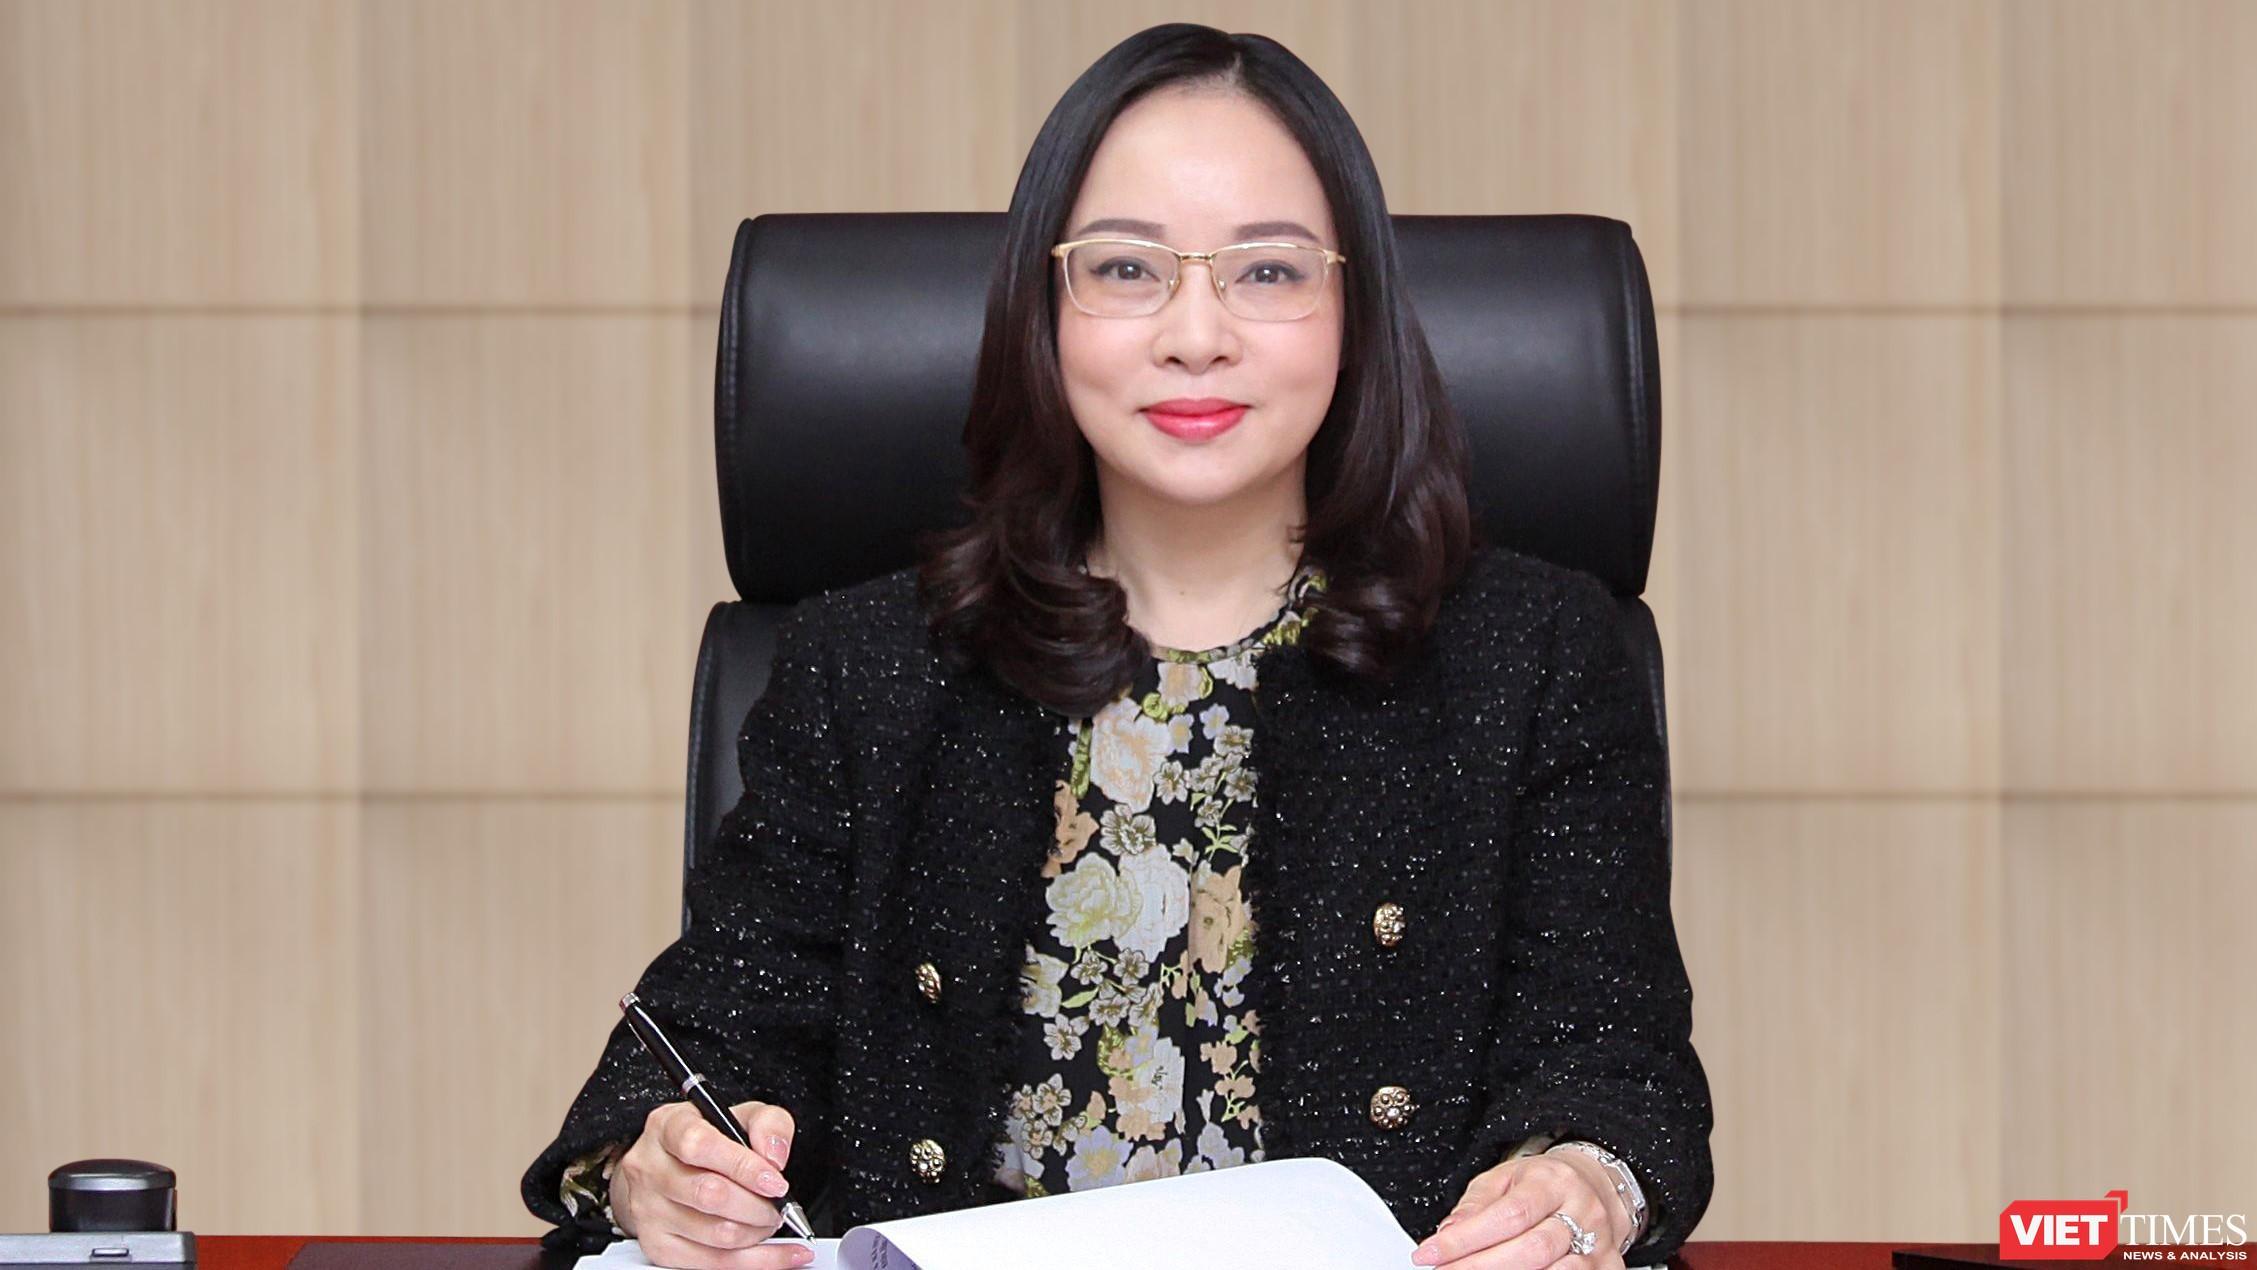 Bà Hoàng Thị Bảo Hương - Phó Tổng Biên tập báo VietnamNet.